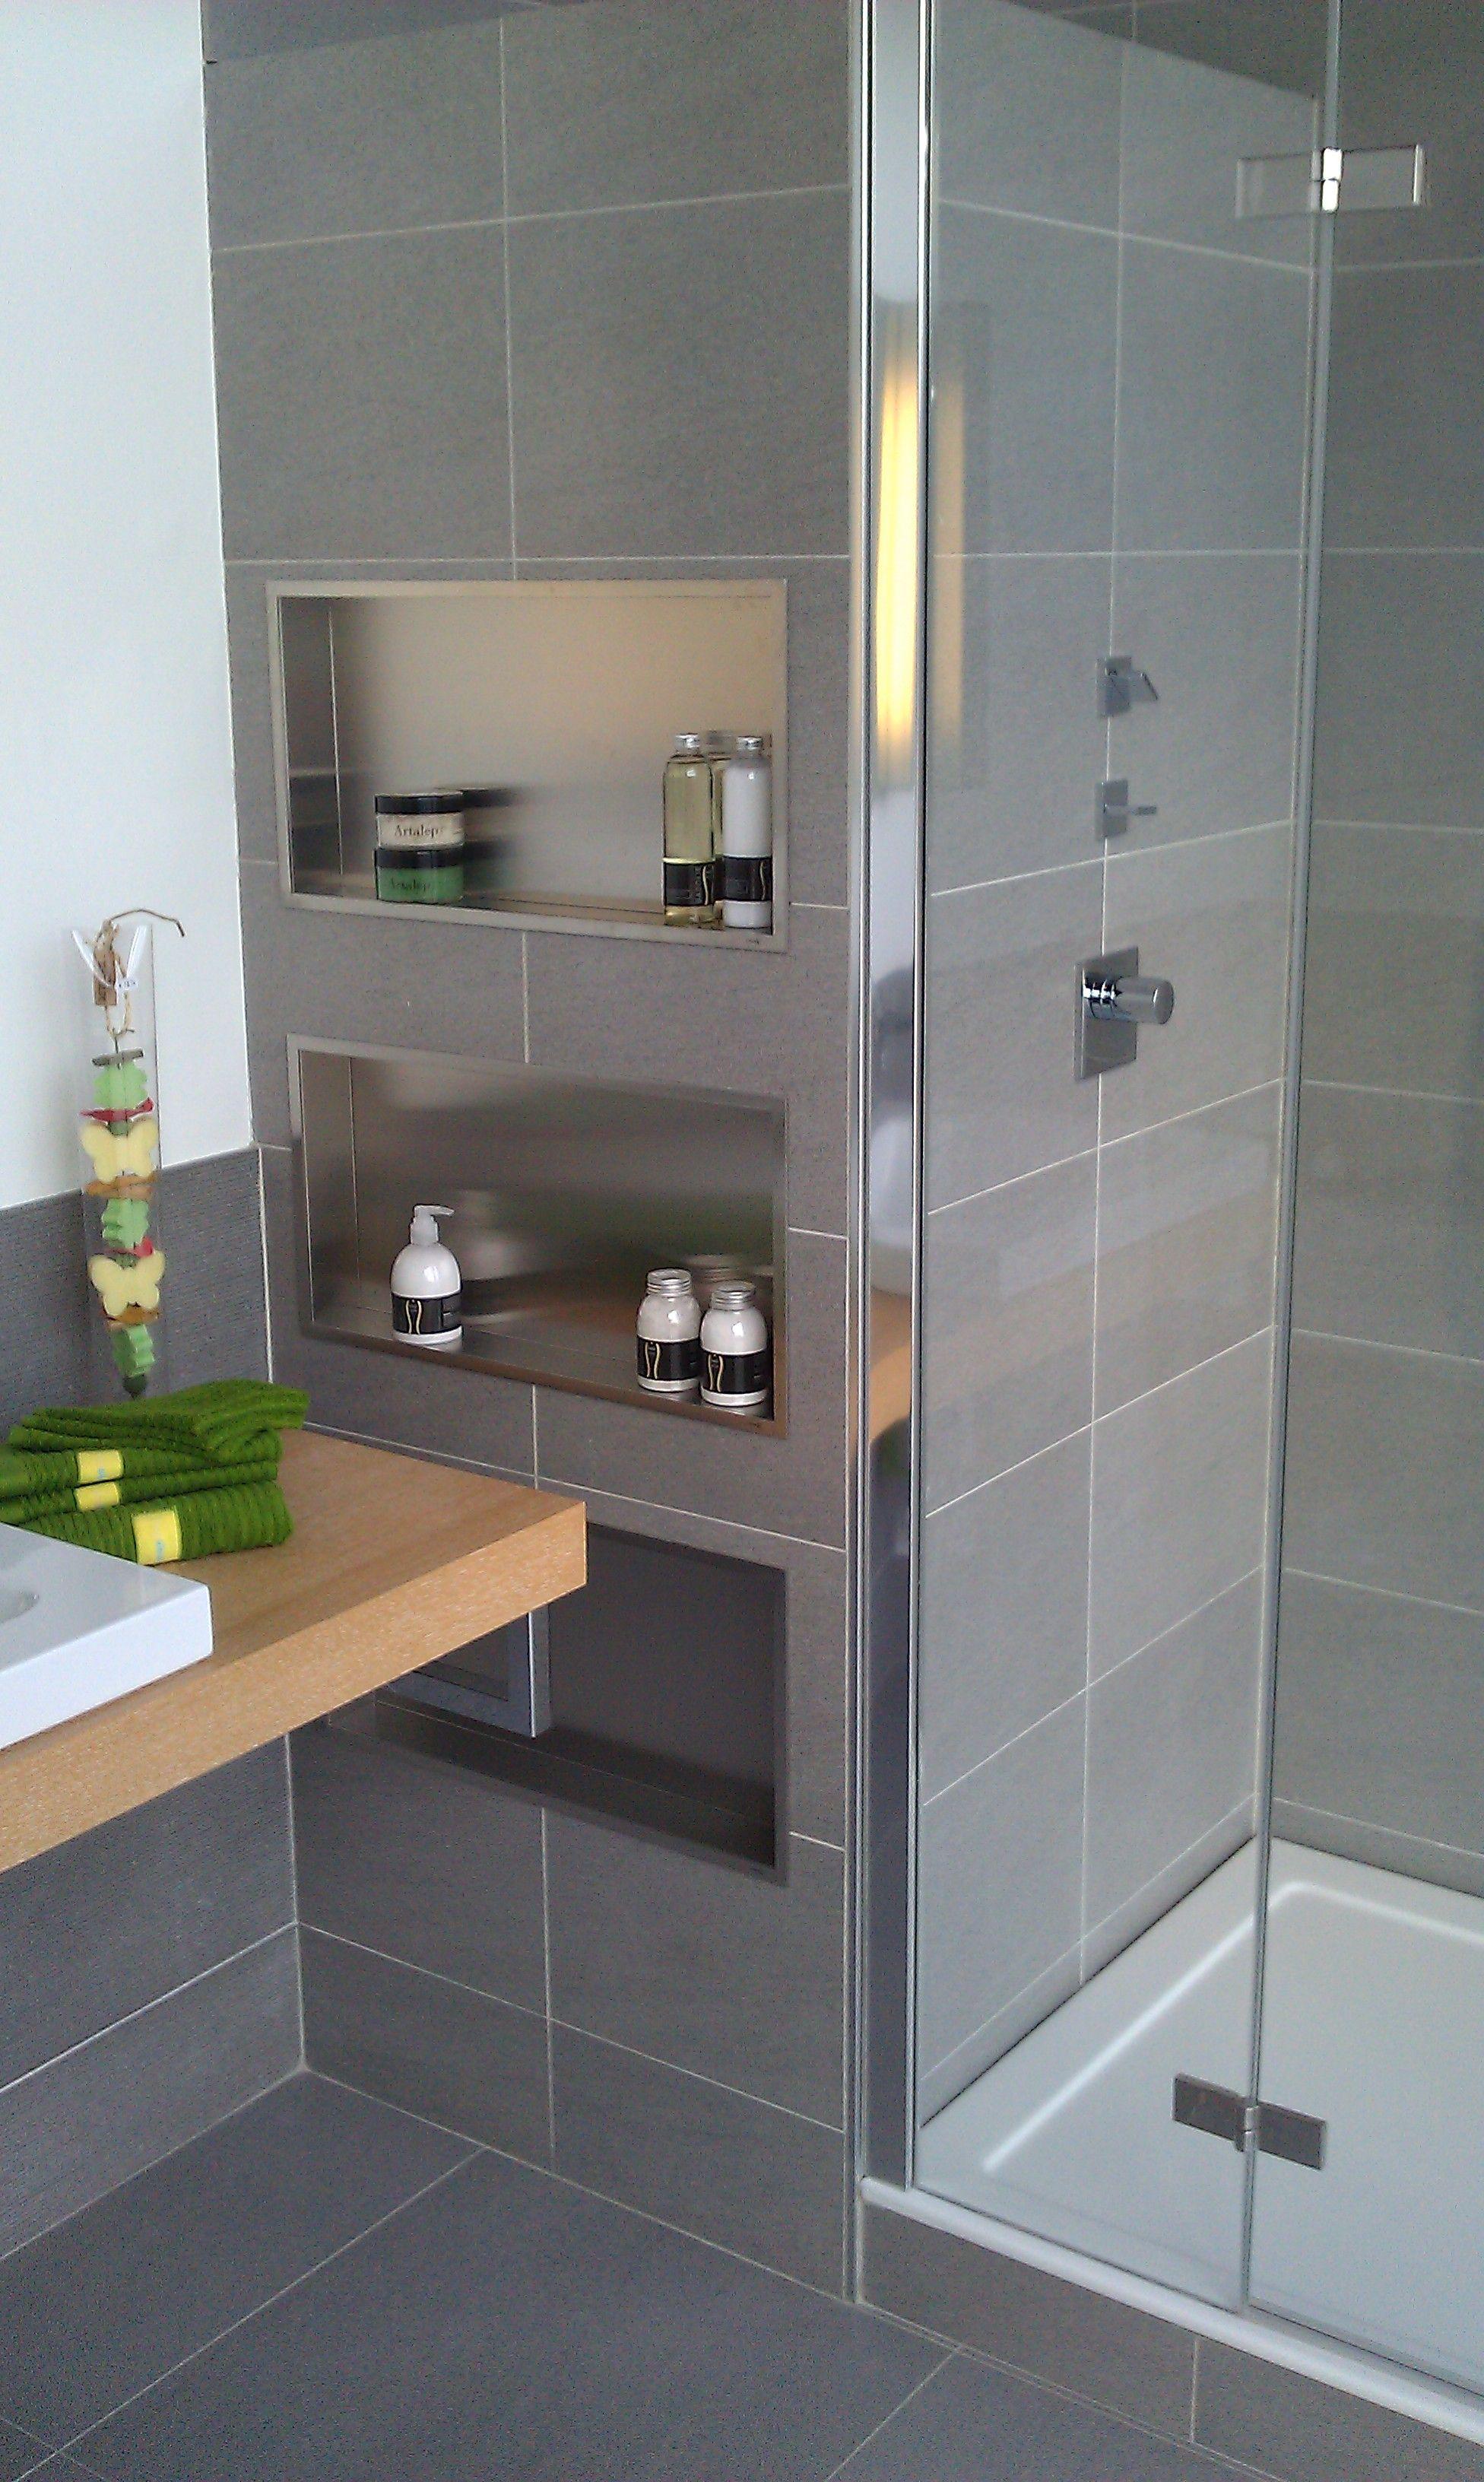 goedkope badkame rspiegels spiegel met led verlichting 80x60 cm